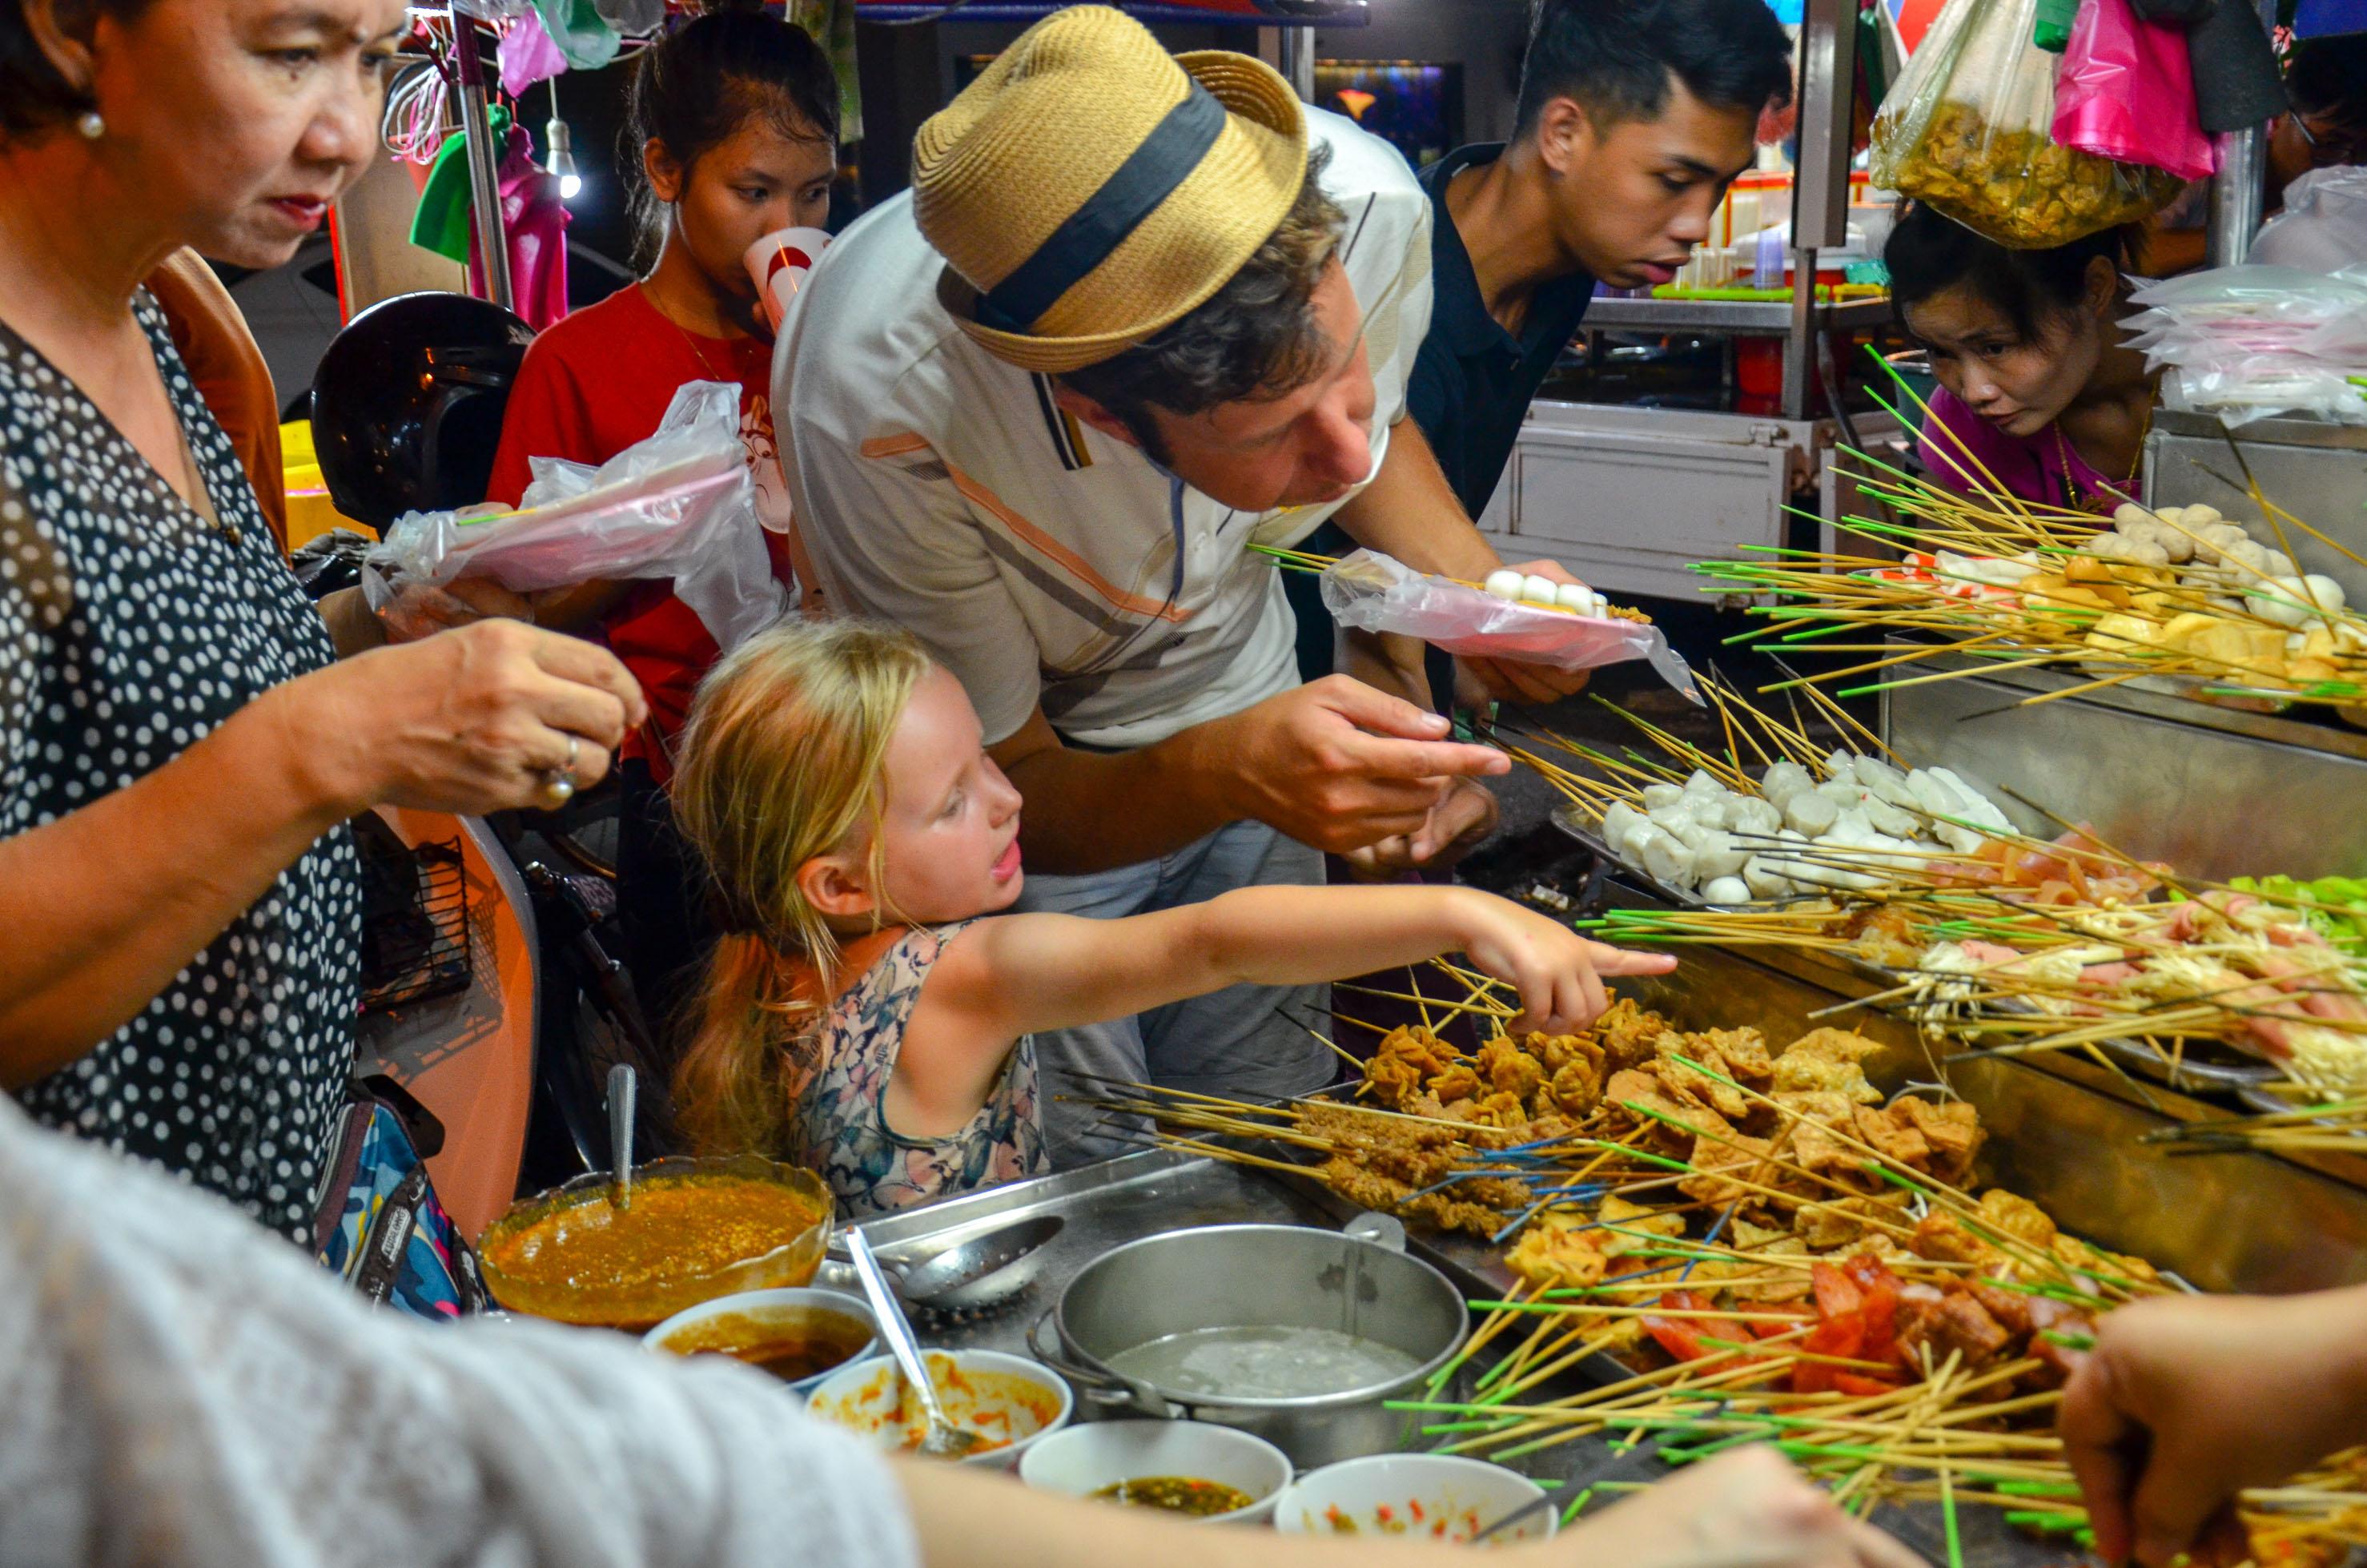 Uliczne jedzenie wieczorami pojawia się znikąd i przytłacza. Penang, Malezja